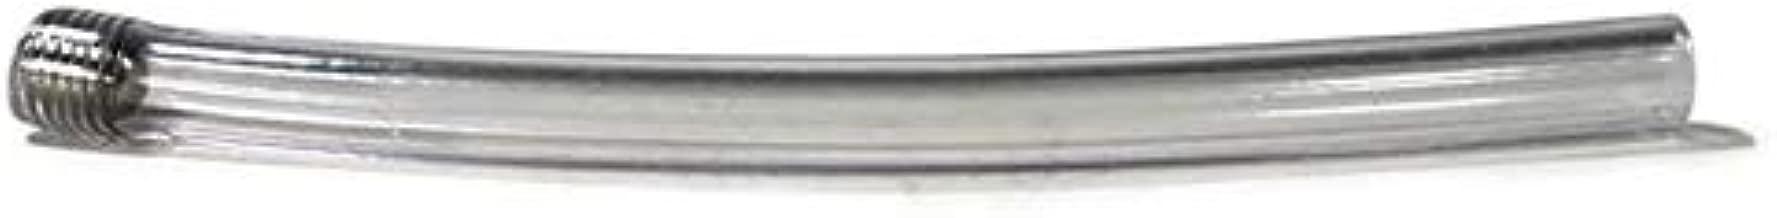 Schlauch für Tankentlüftung passend für Stihl MS171 MS181 MS211